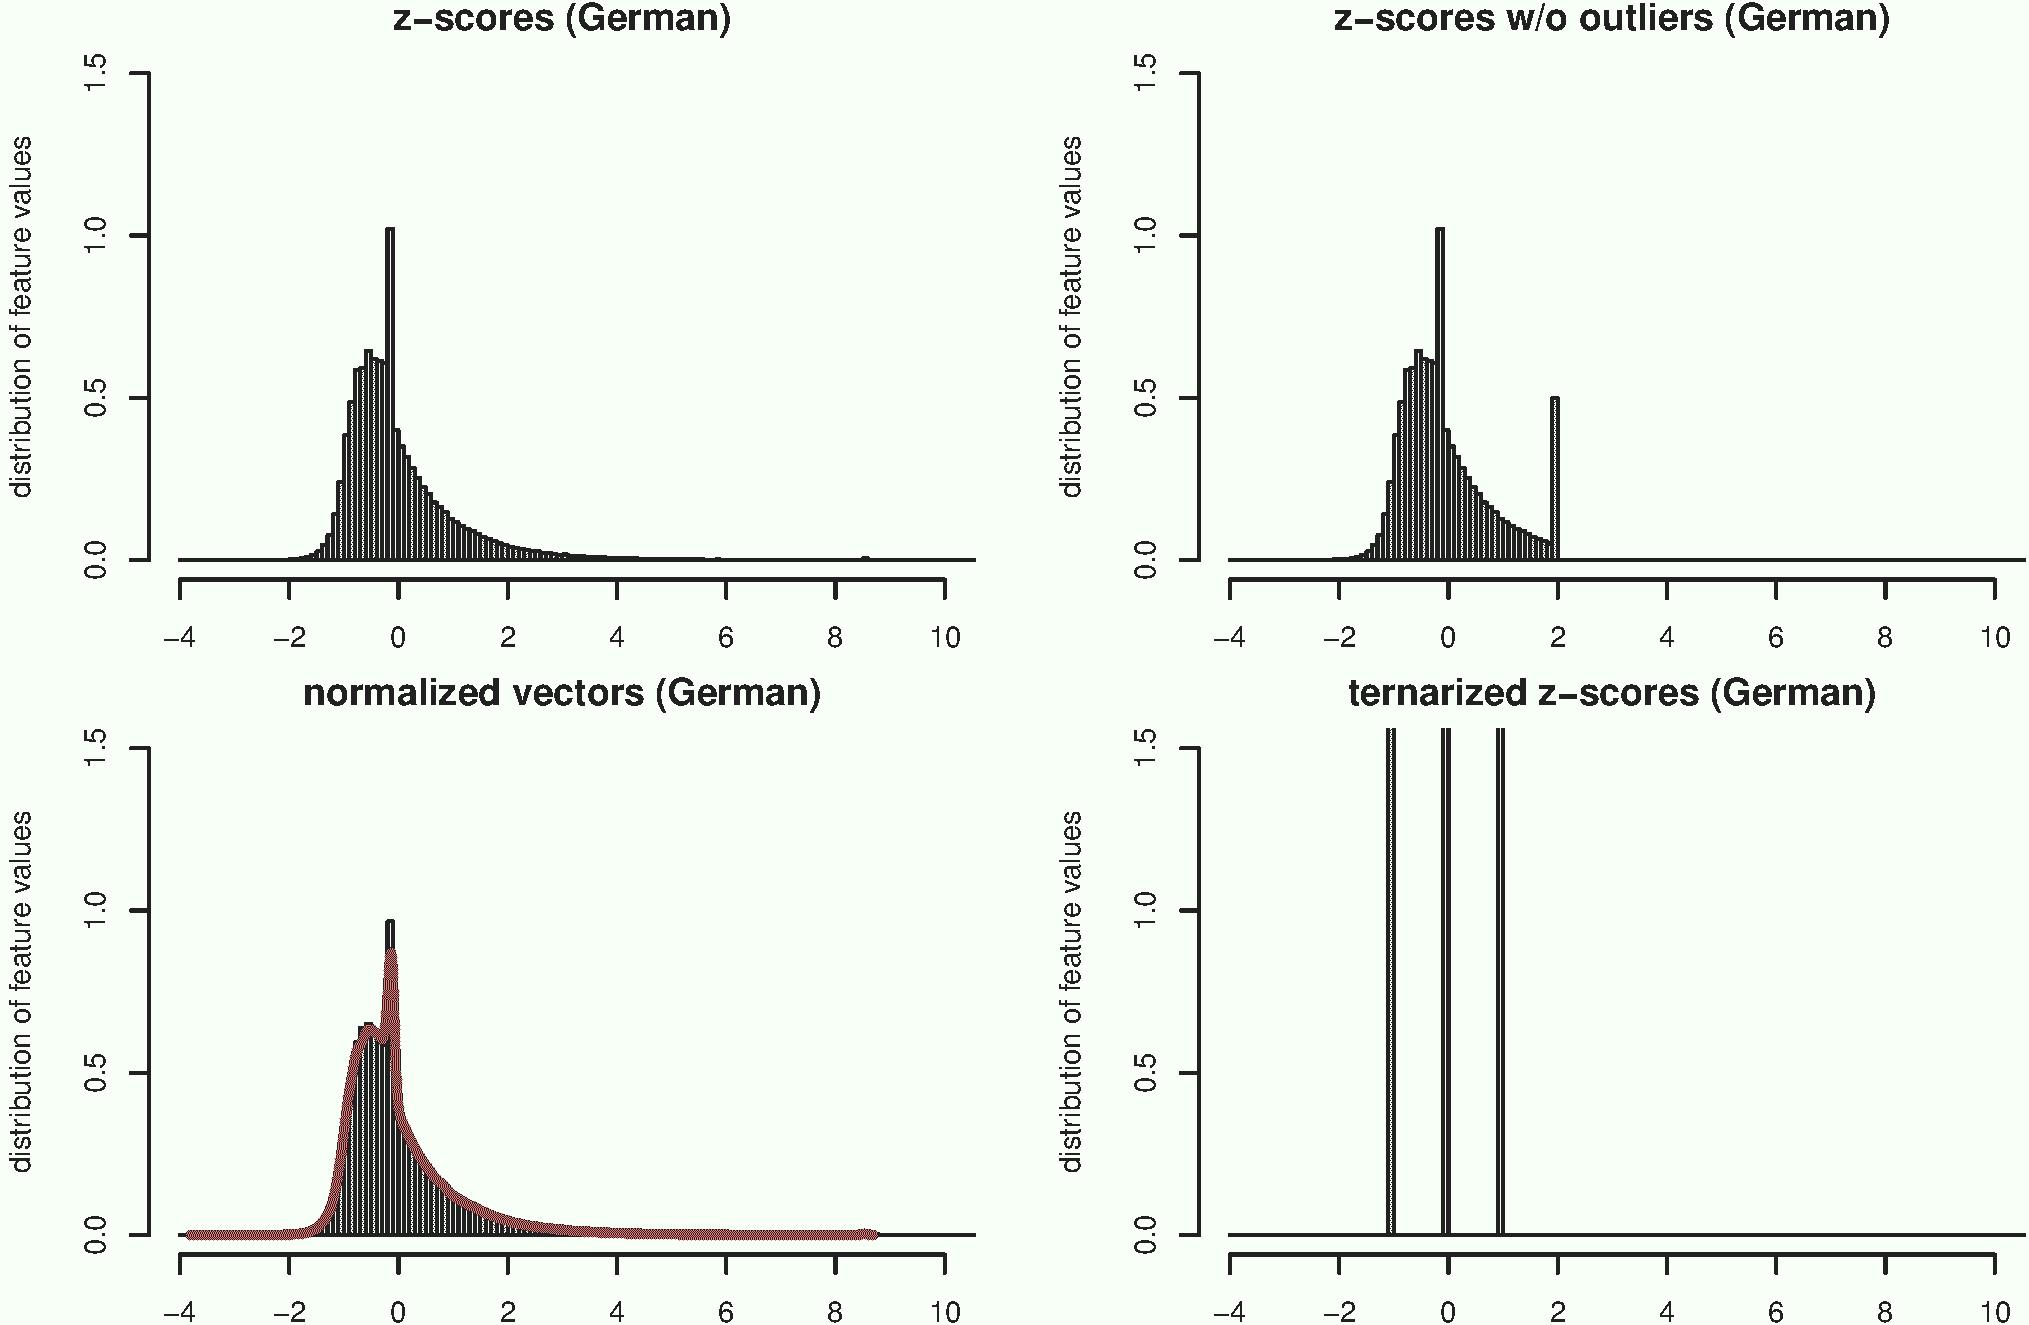 Abb. 7: Verteilung von Merkmalswerten                                     über alle 75 Texte bei Vektoren mit m =                                     5000 MFWs. Gezeigt wird die Verteilung der ursprünglichenz-Werte (links oben), die Verteilung nach                                     einer Längen-Normalisierung (links unten), die Verteilung beim                                     Abschneiden von Ausreißern mit |z| > 2                                     (rechts oben) sowie eine ternäre Quantisierung in Werte –1, 0                                     und +1 (rechts unten). Im linken unteren Bild gibt die rote                                     Kurve die Verteilung derz-Werte ohne                                     Vektor-Normalisierung wieder; im direkten Vergleich ist deutlich                                     zu erkennen, dass die Normalisierung nur einen minimalen                                     Einfluss hat und Ausreißer kaum reduziert. Grenzwerte für die                                     ternäre Quantisierung sindz< –0.43                                     (–1), –0.43≤z≤ 0.43 (0) undz> 0.43 (+1). Diese Grenzwerte sind                                     so gewählt, dass bei einer idealen Normalverteilung jeweils ein                                     Drittel aller Merkmalswerte in die Klassen –1, 0 und +1                                     eingeteilt würde. [Stefan Evert, 2017. Lizenziert unter Creative                                     Commons Namensnennung 4.0 International (CC-BY)]